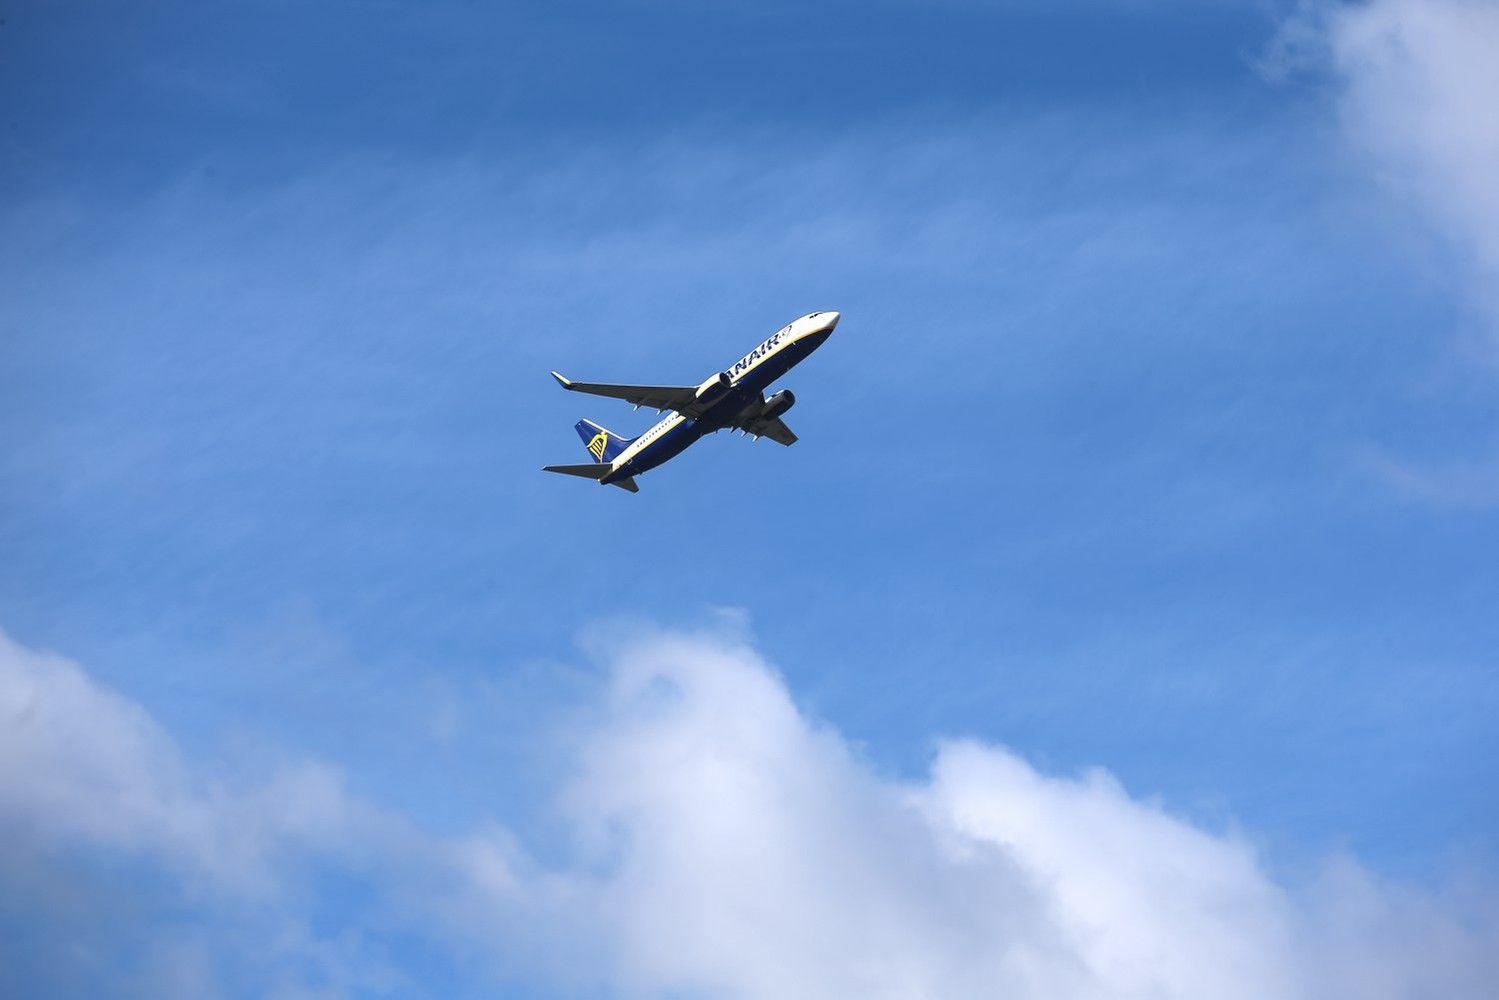 Skrydžių skaičius Lietuvos oro erdvėje didėjo dar 9%, dominavo tranzitas